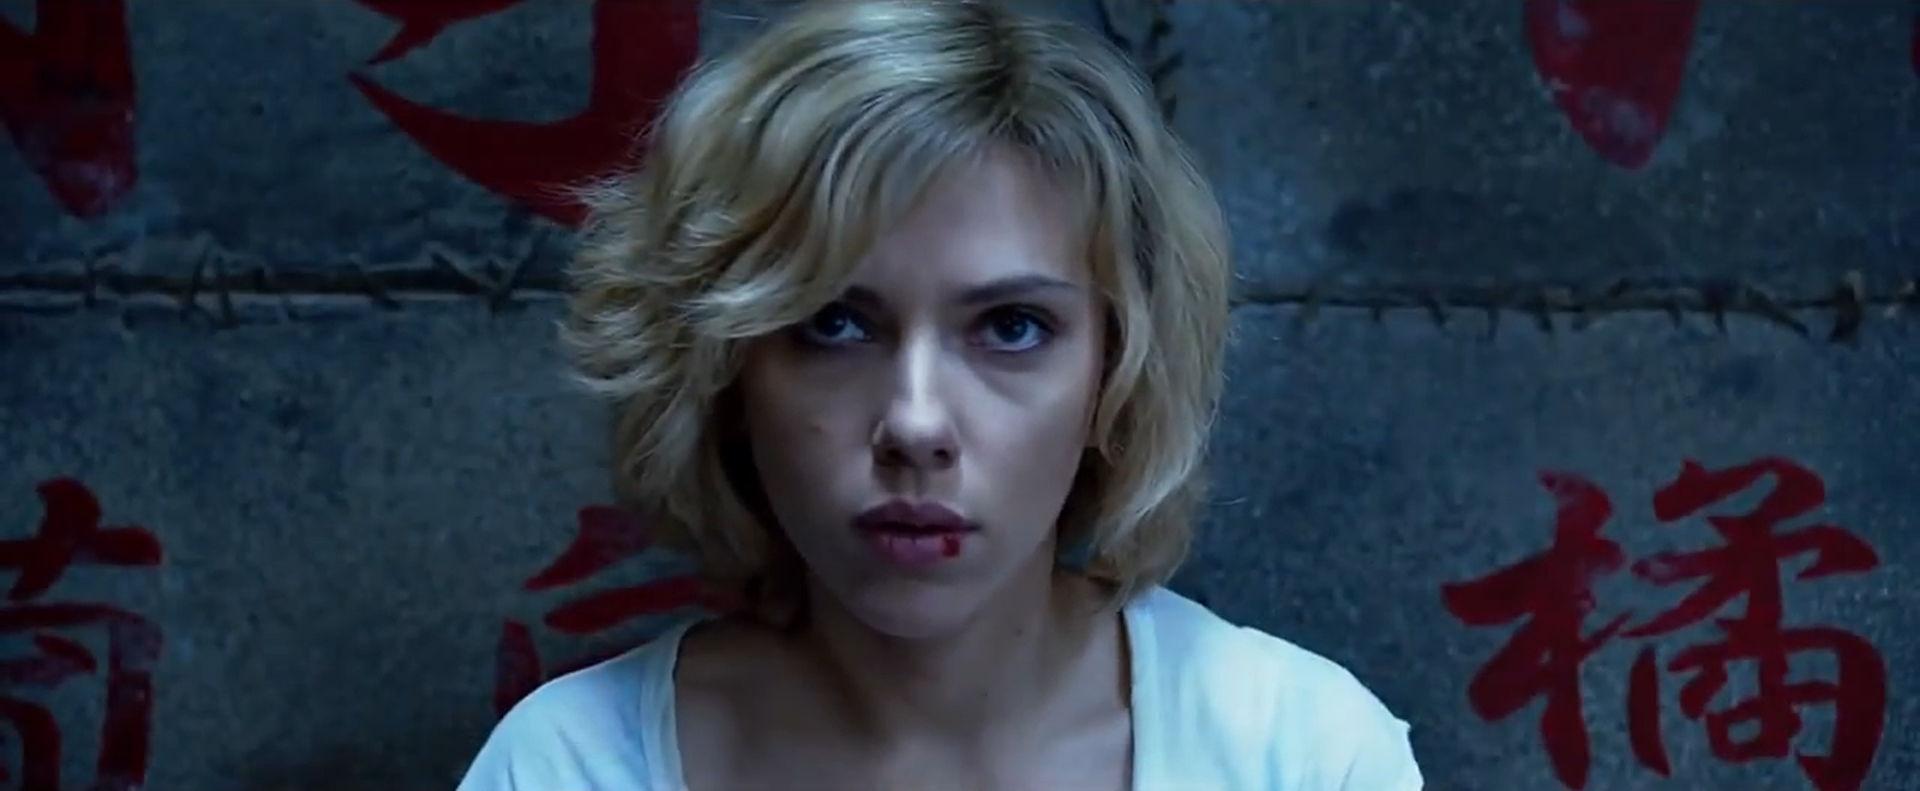 Игра престолов 7 сезон 17 серия смотреть онлайн на киного